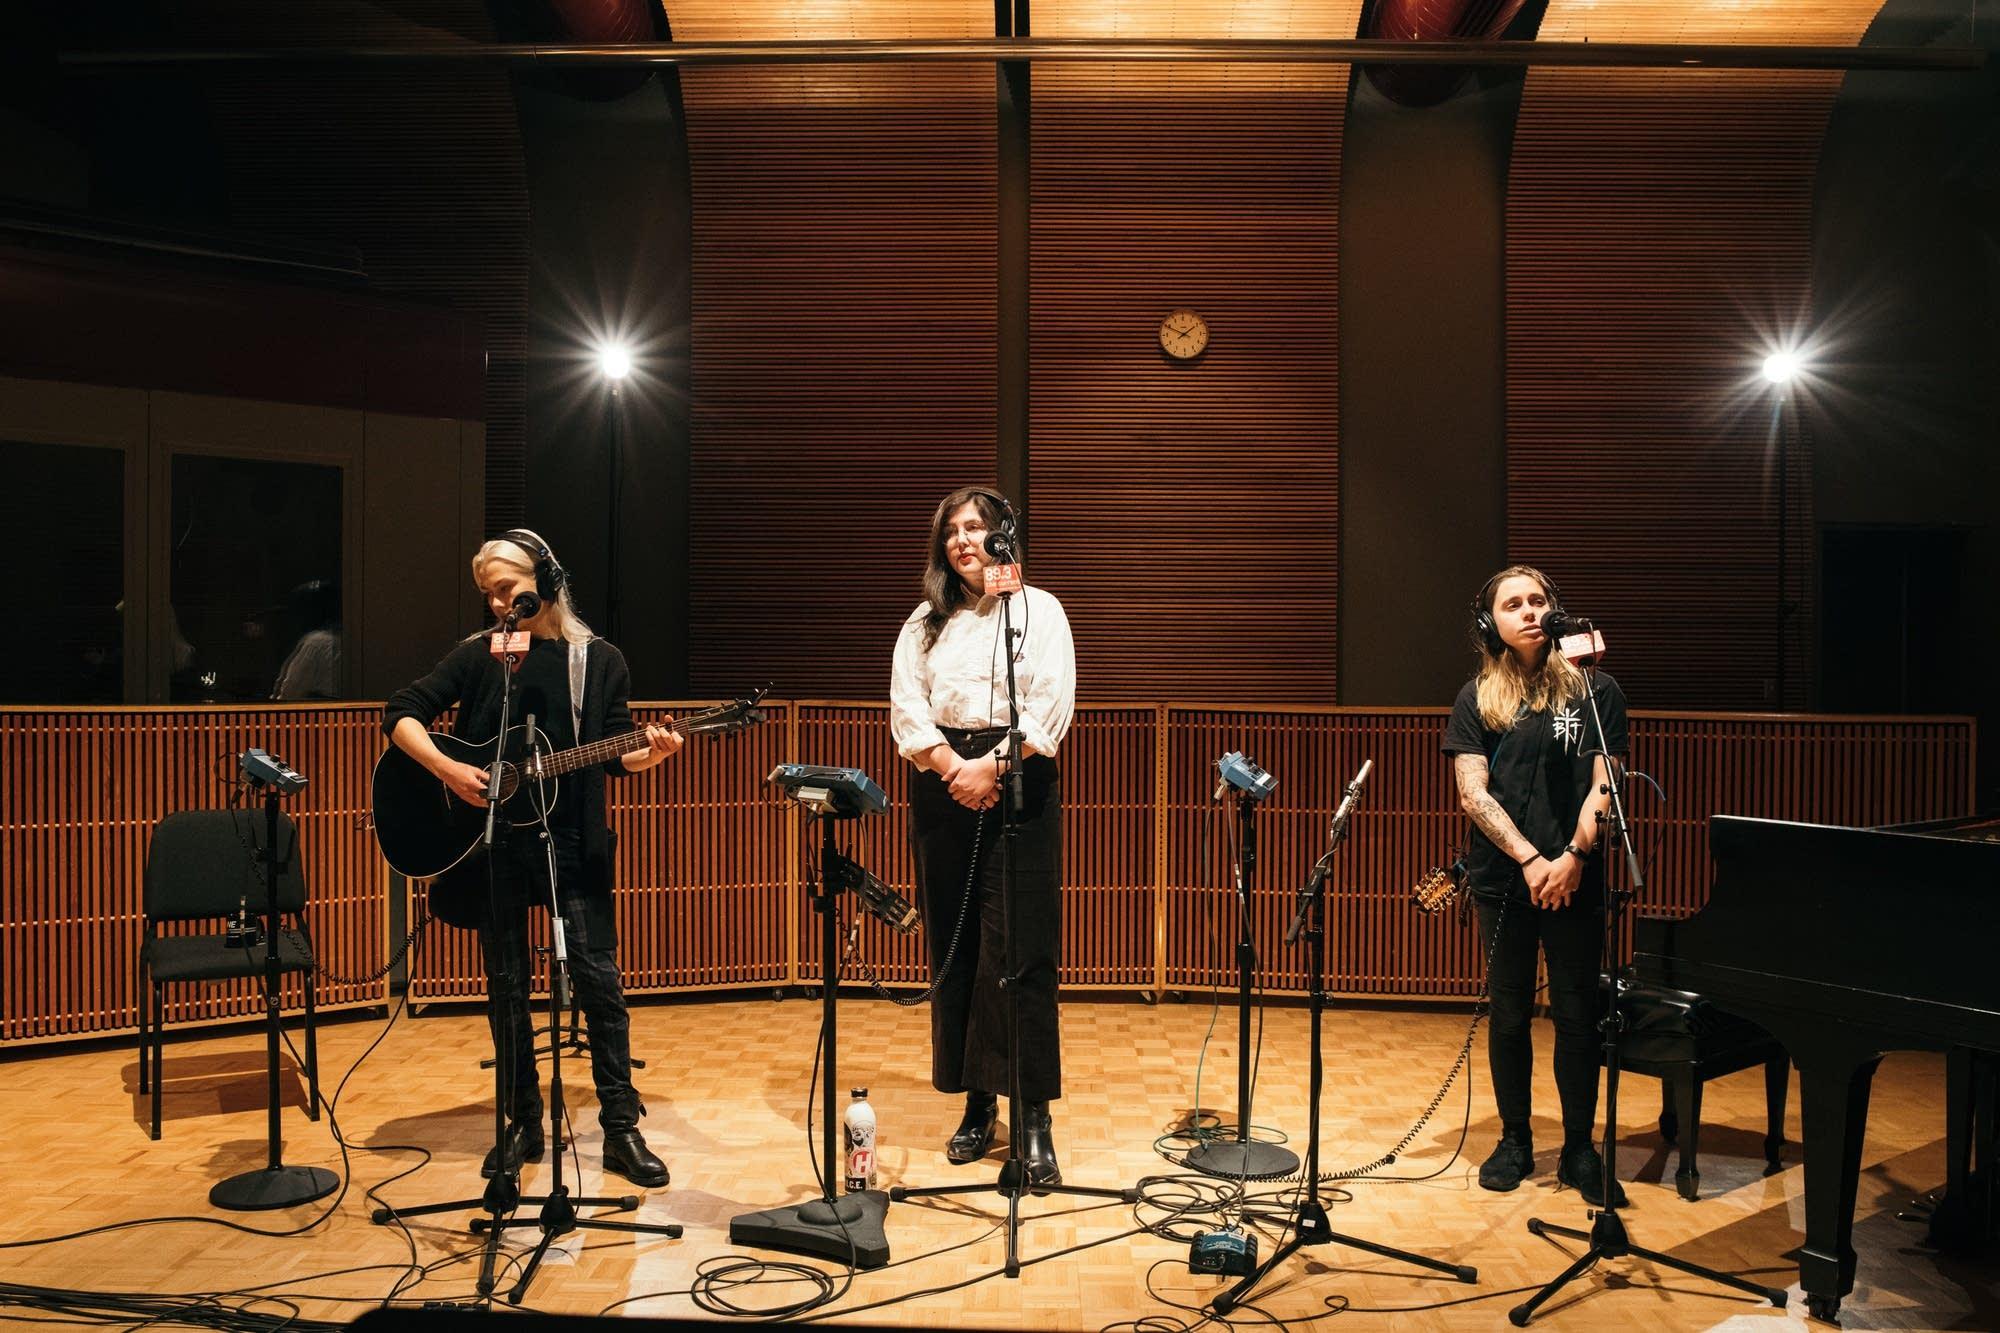 boygenius perform in The Current studio